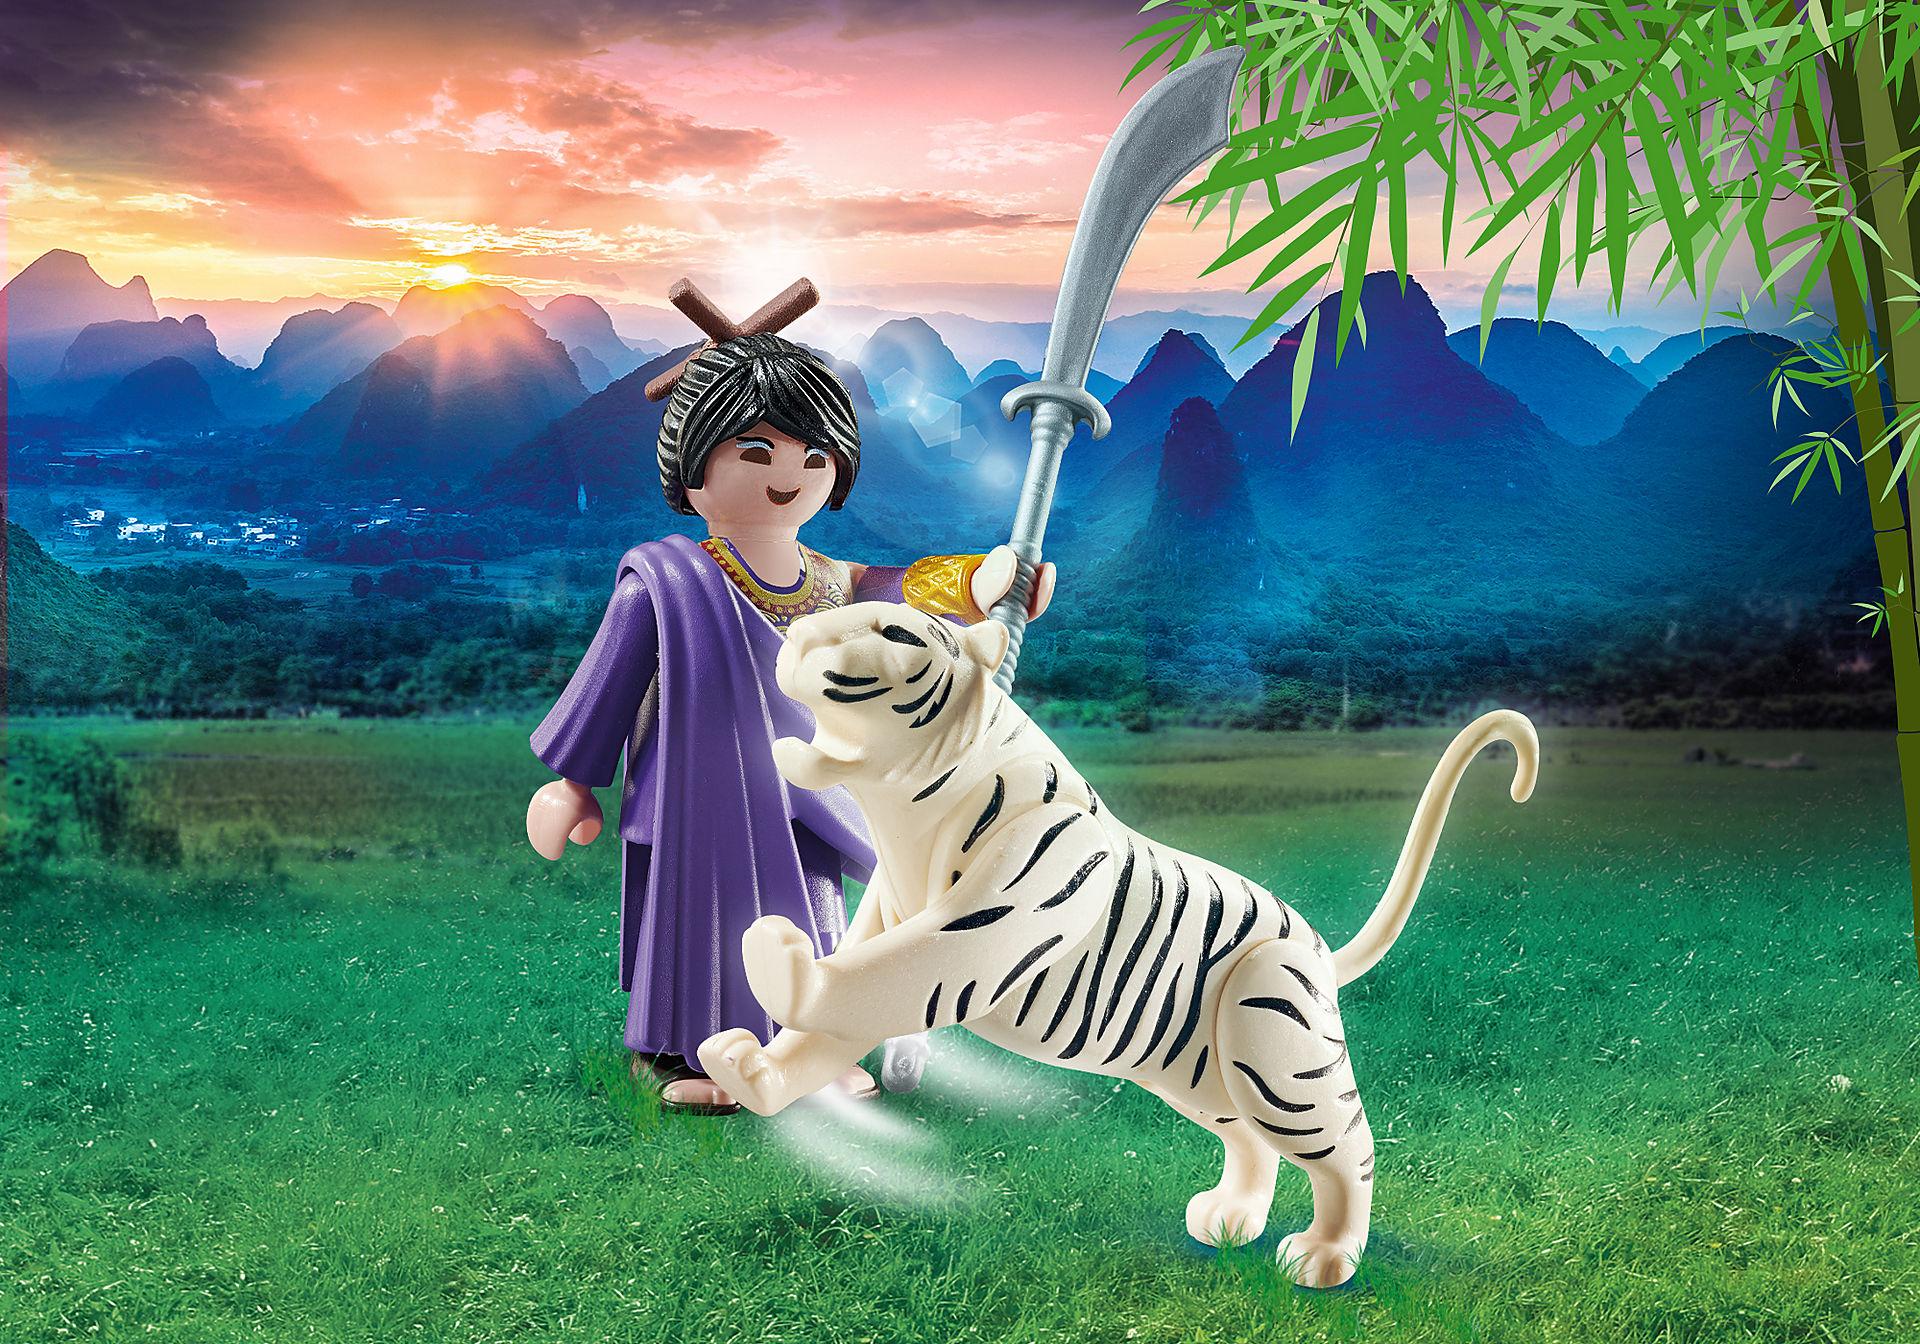 70382 Asiakämpferin mit Tiger zoom image1